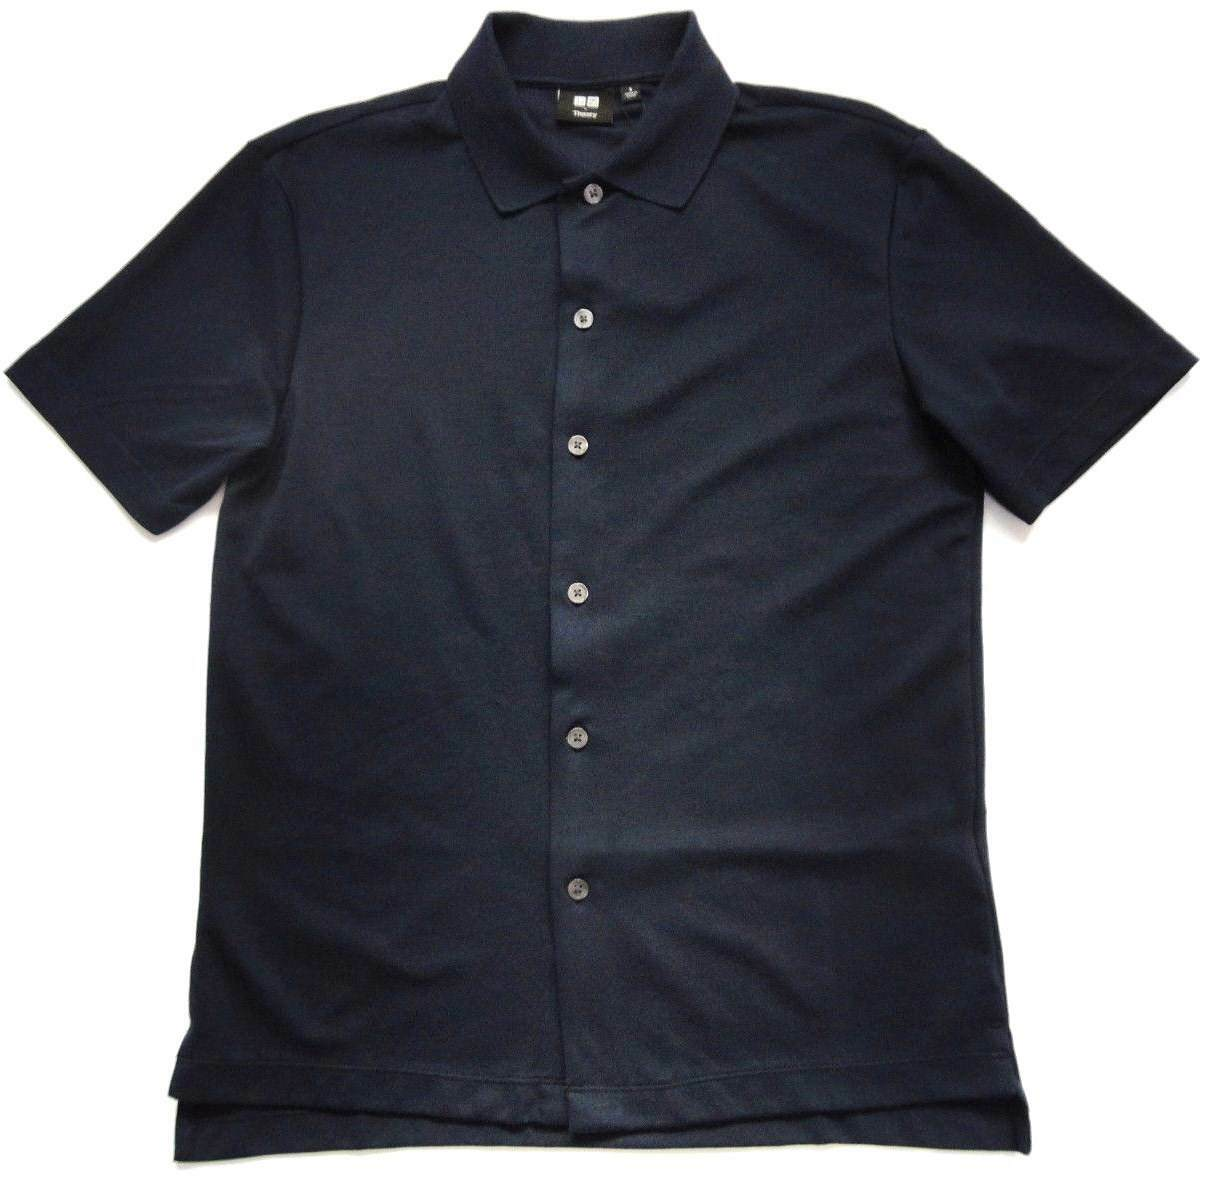 Théorie x Uniqlo & 039;Dry Comfort Pique& 039; SS boutons sur le devant Polo Shirt homme M bleu marine Neuf avec étiquettes